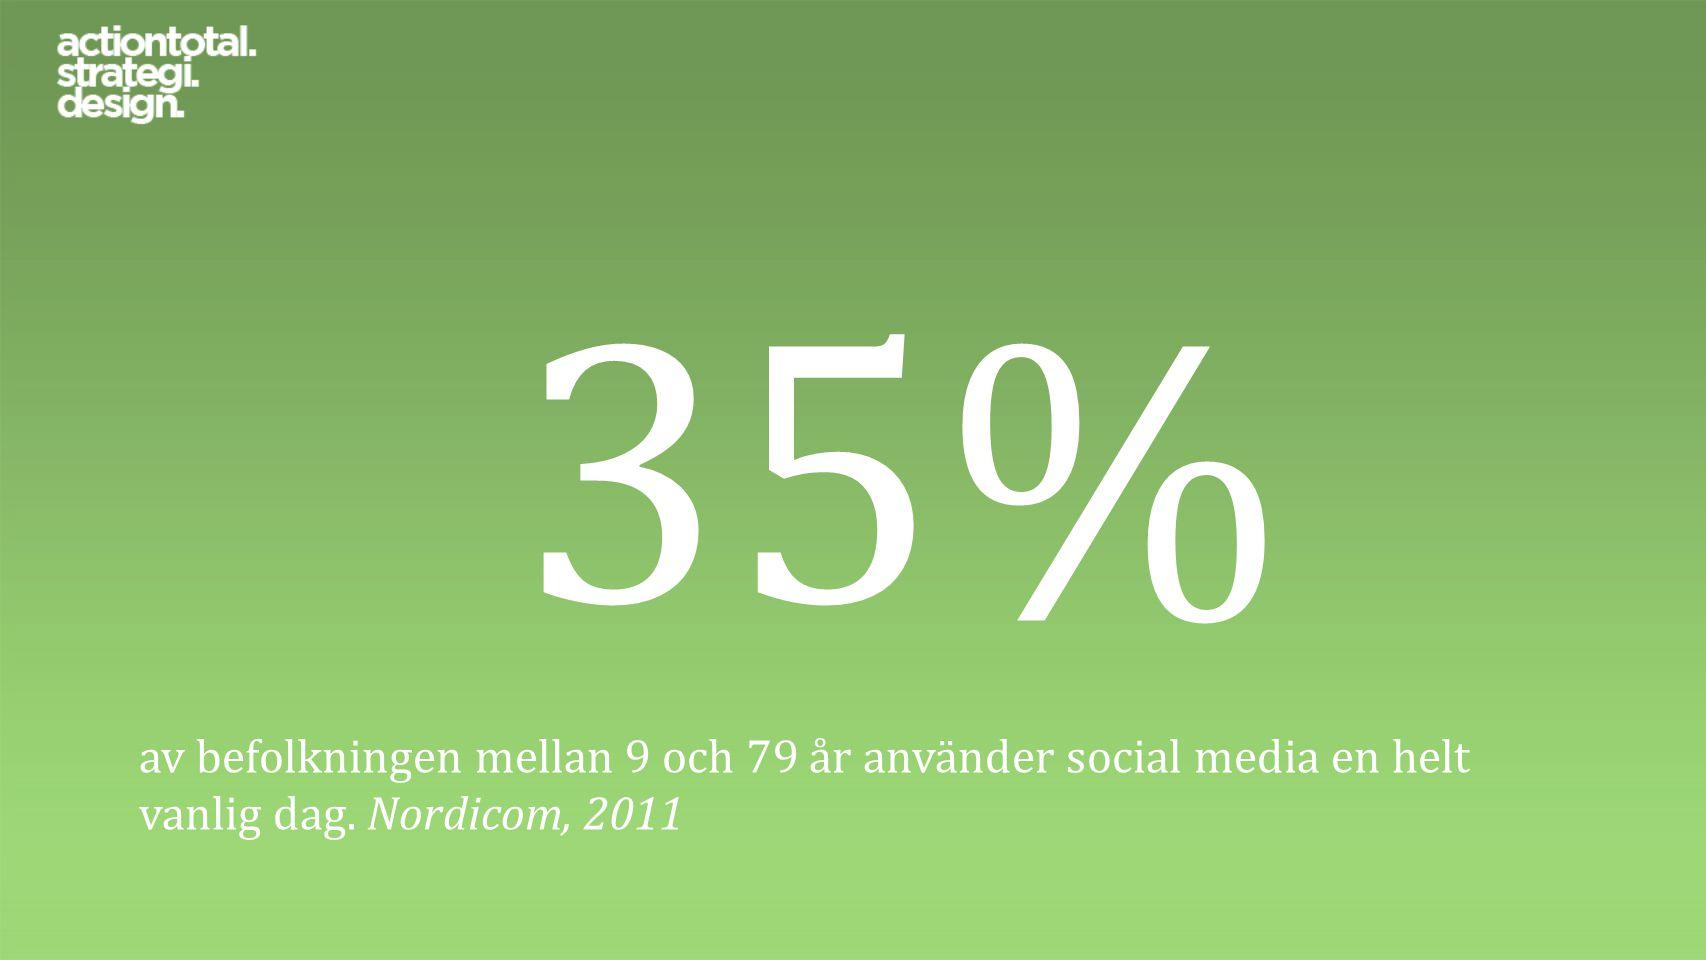 23,8% av svenskarna som arbetar inom IT-industrin använder LinkedIn varje vecka.